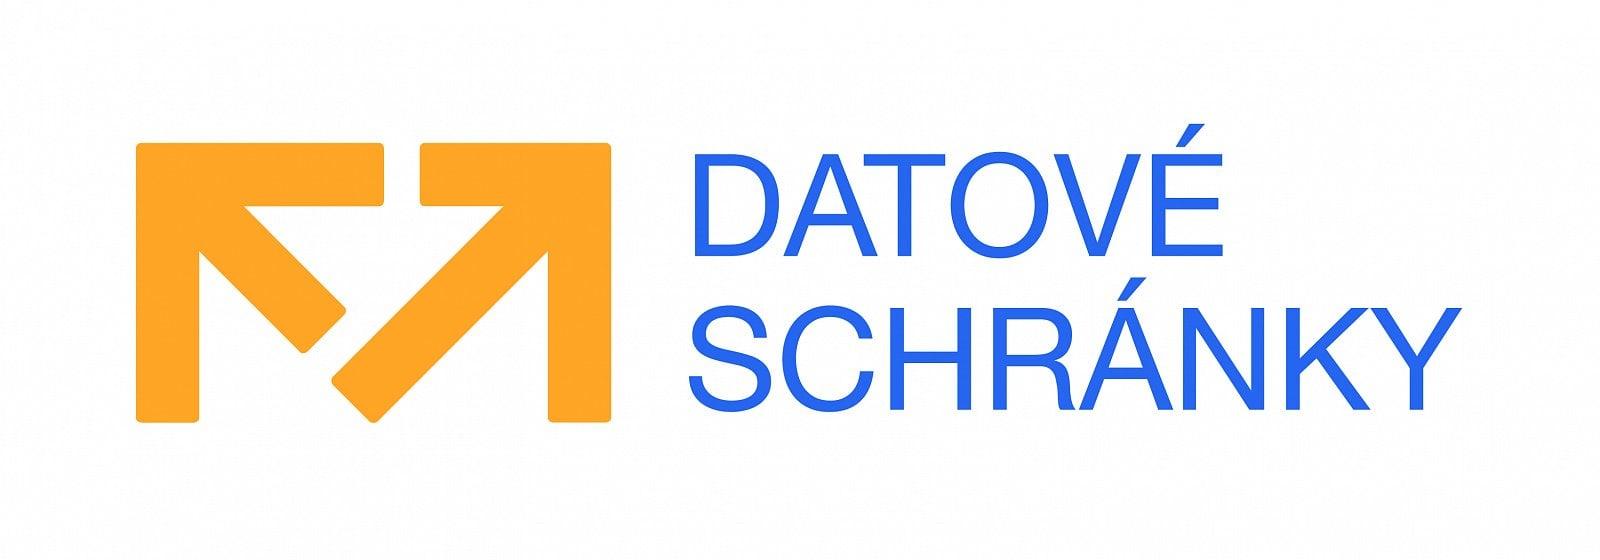 Verze nového loga datových schránek